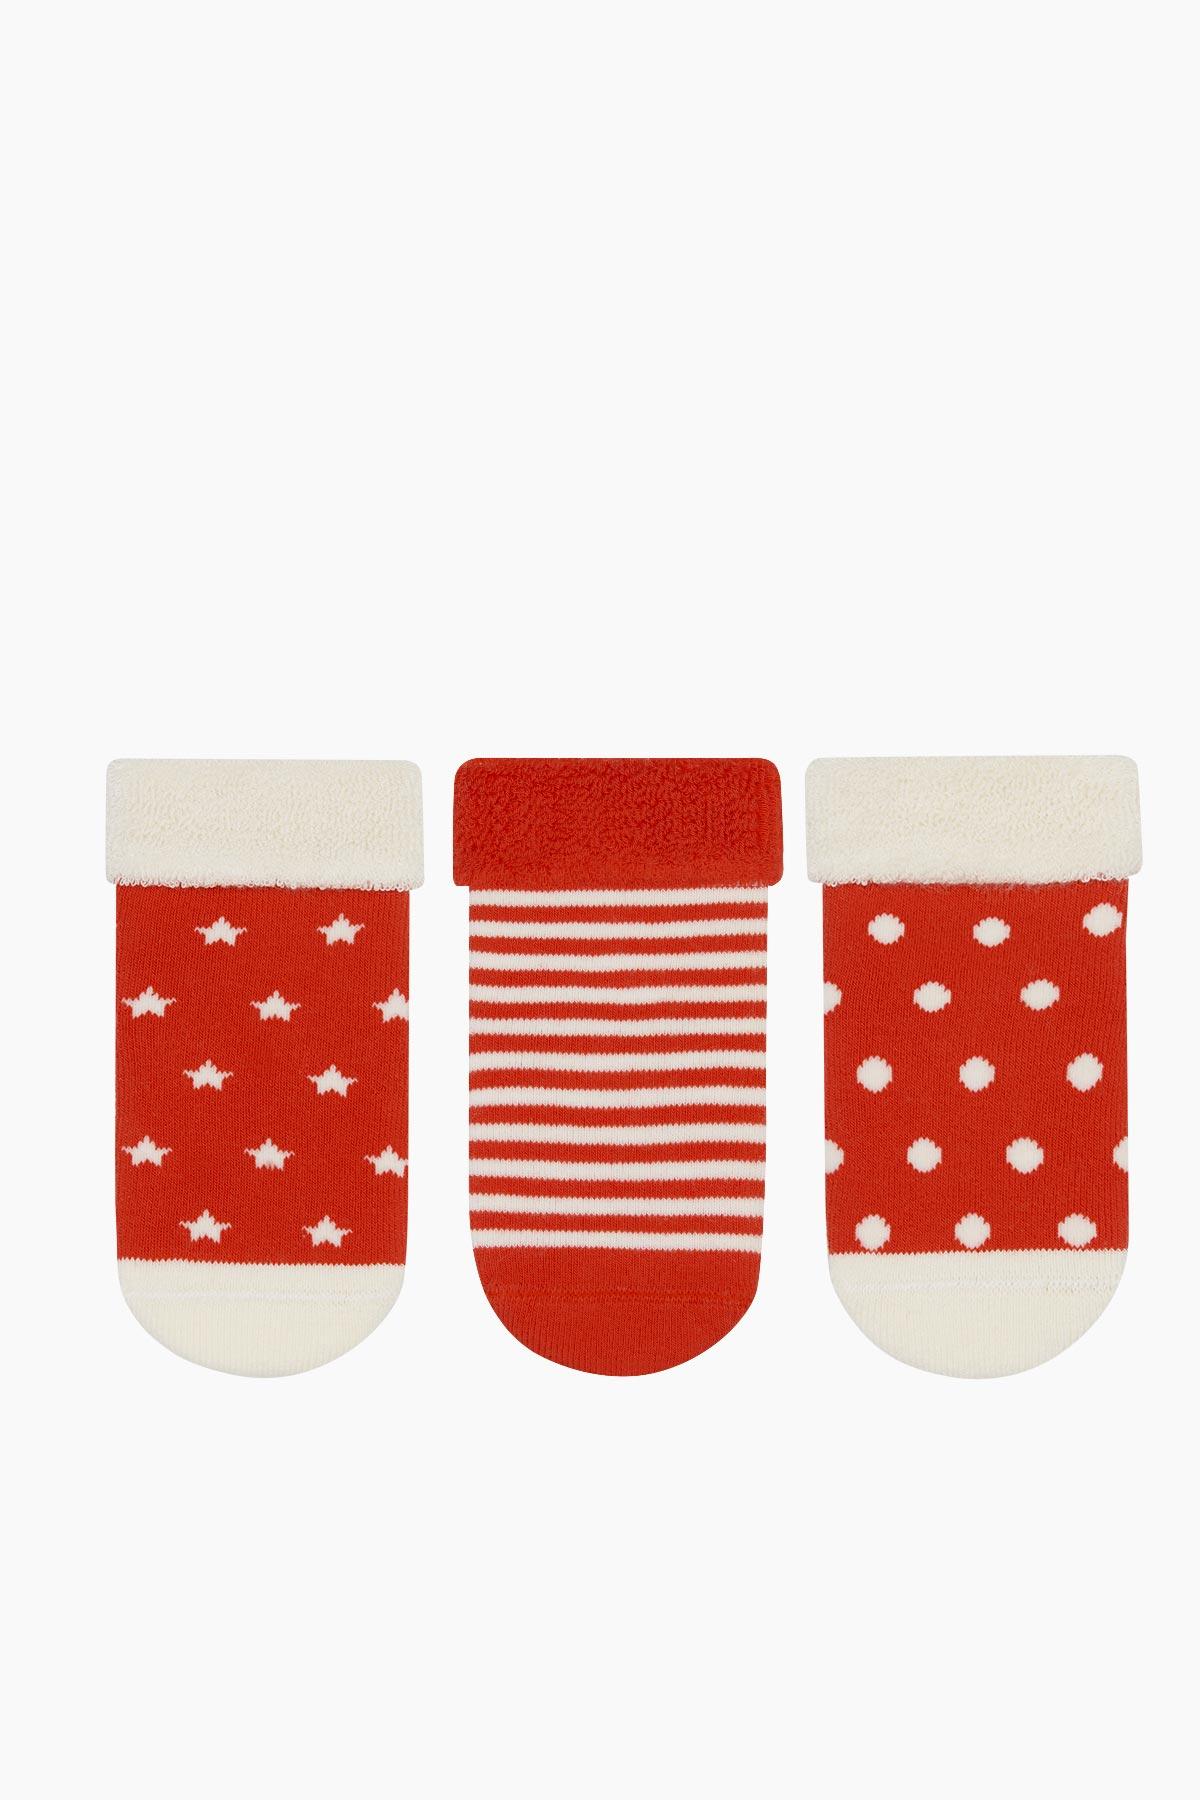 Bross - 3'lü Paket Puan Çember Yıldız Desenli Taban Altı Kaydırmaz Baskılı Havlu Bebek Çorabı